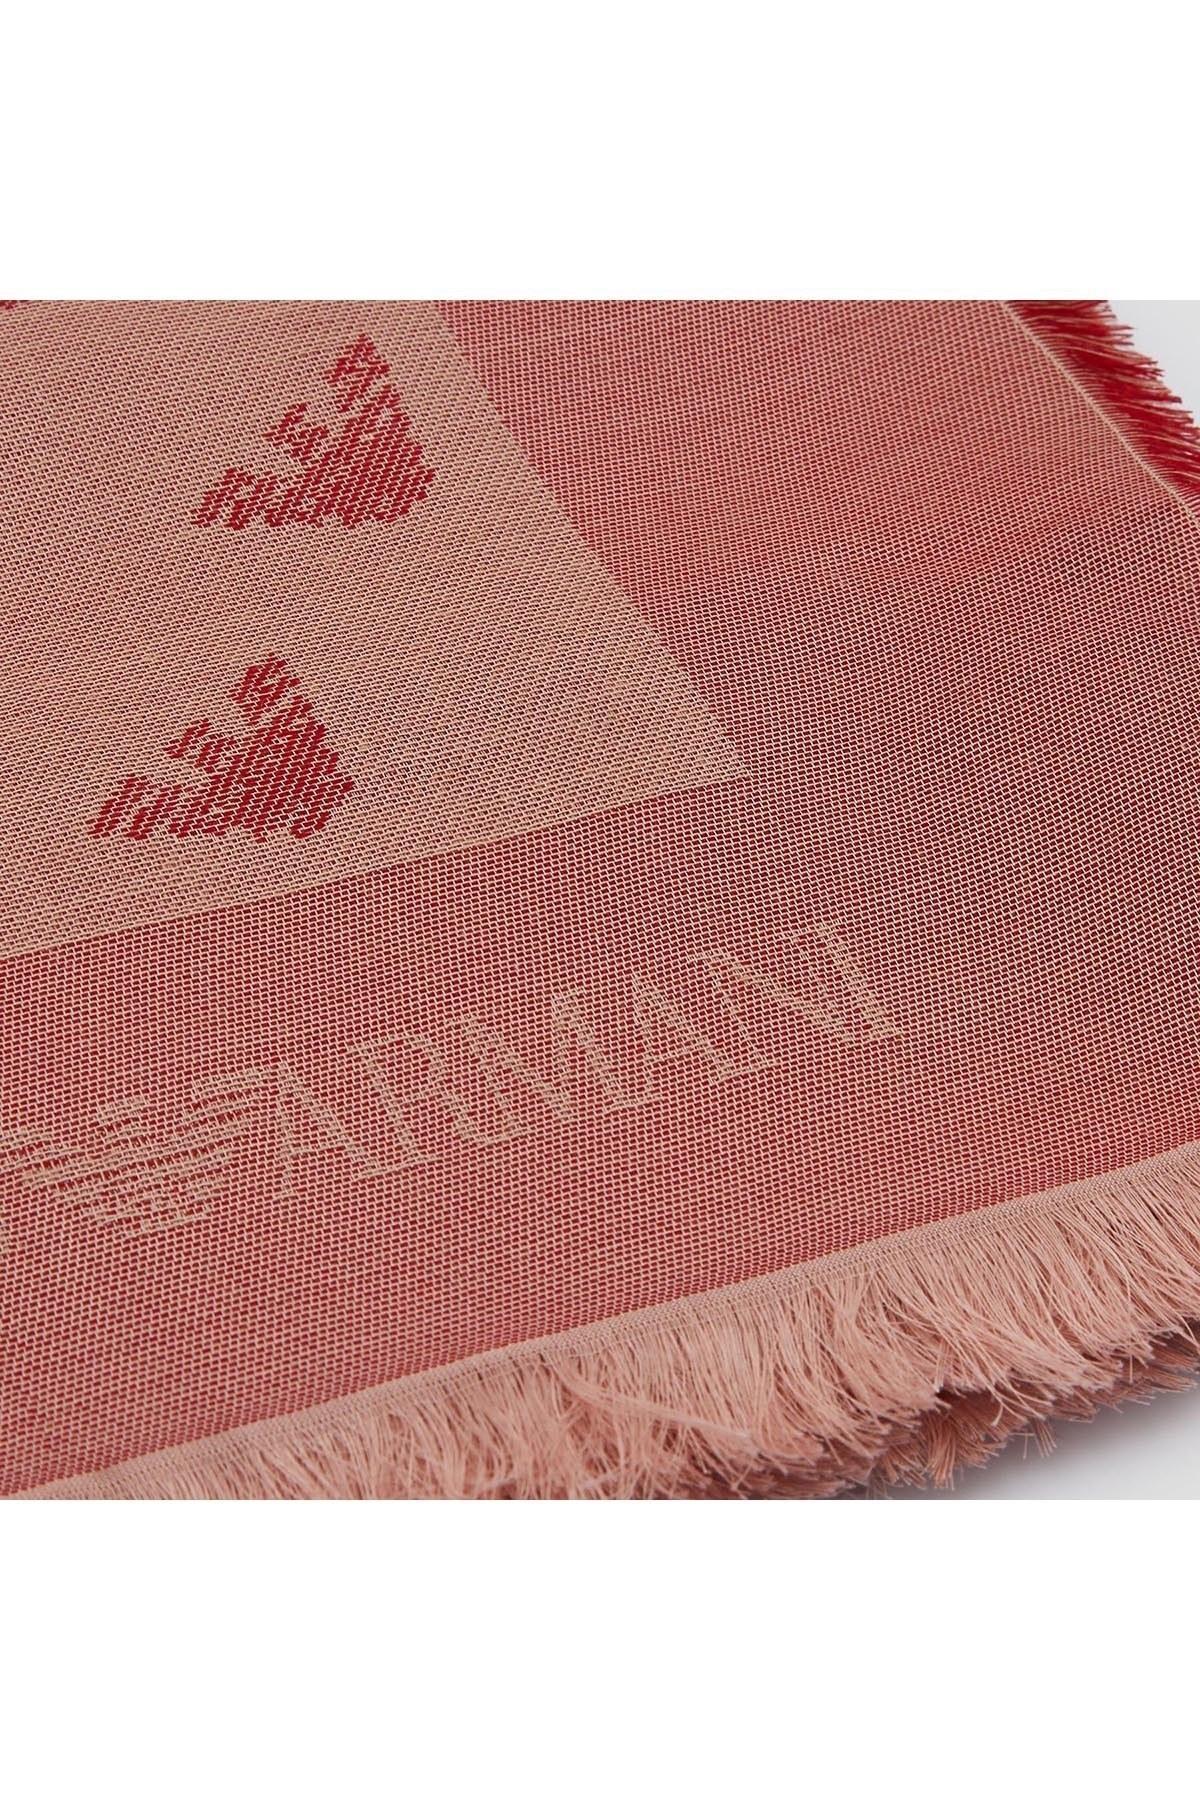 Emporio Armani Kadın Şal 635314 9P336 12270 KİREMİT